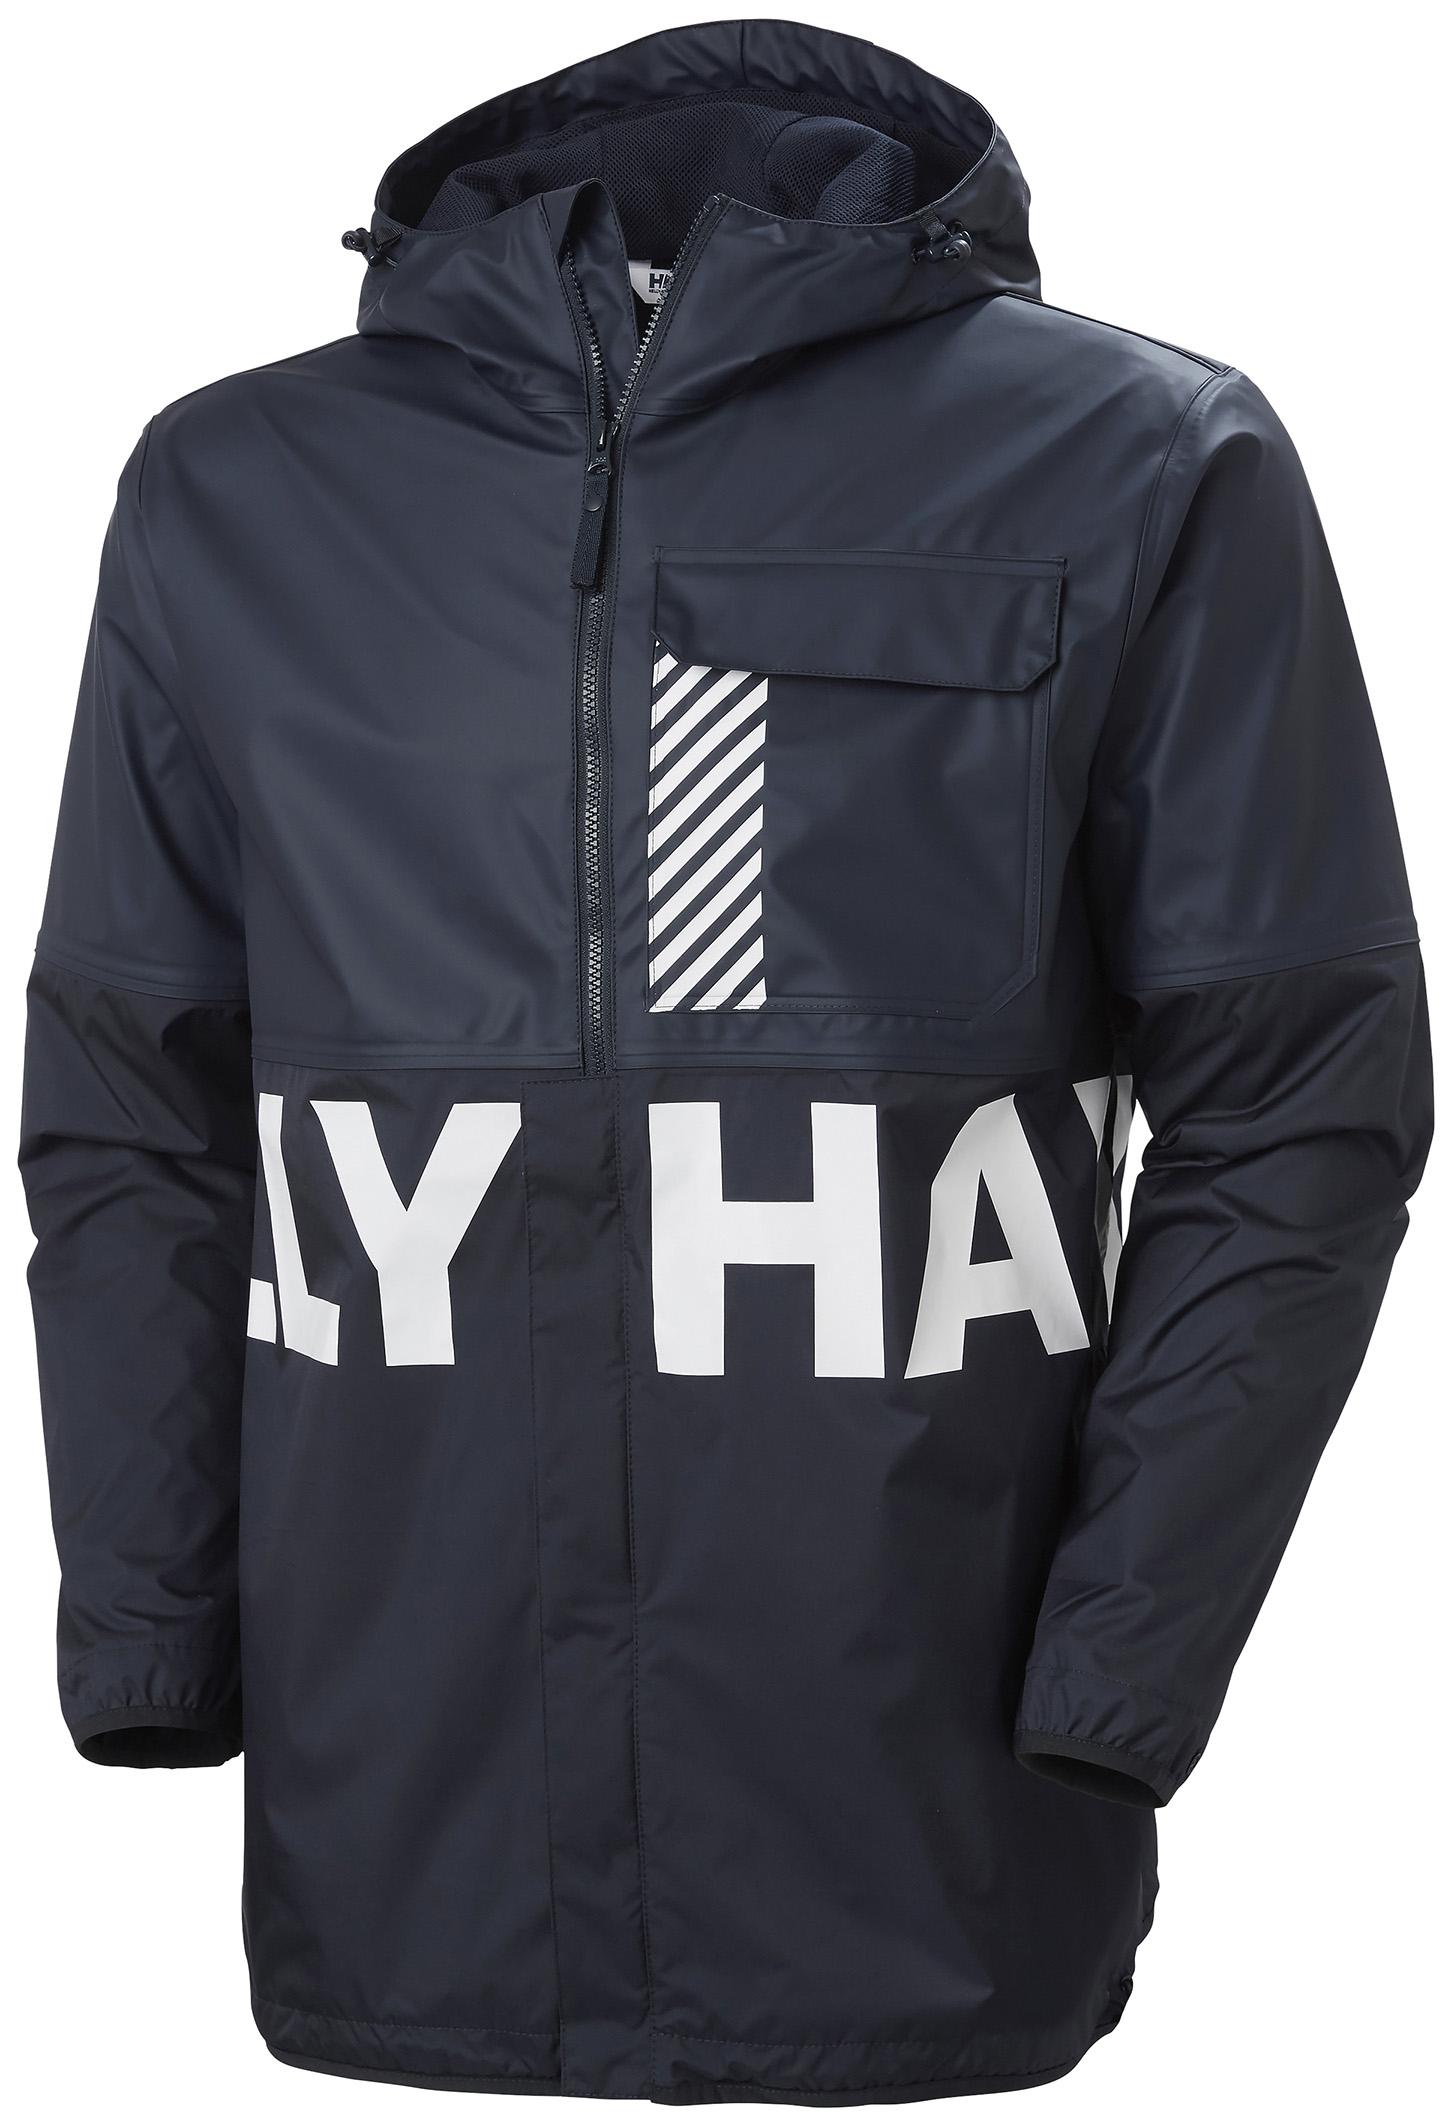 Helox Active PU Jacket de Helly Hansen